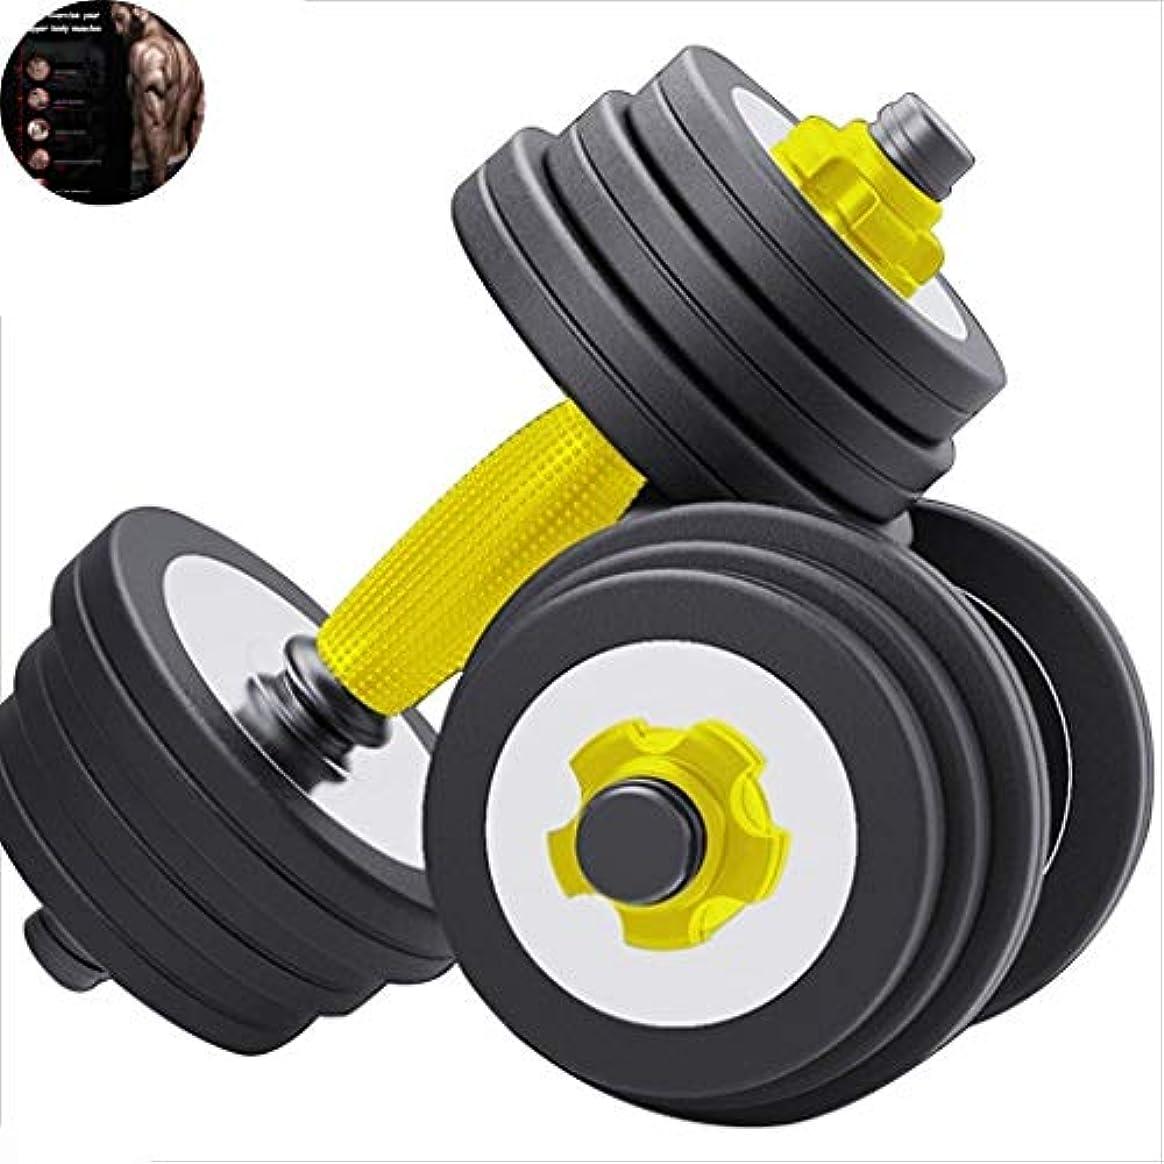 平方望ましい最小化するダンベル ダンベルセット、調節可能なダンベル、多機能の男性と女性のフィットネスダンベル、家庭用腕の運動バーベルフィットネス機器 (Color : Black-30kg)